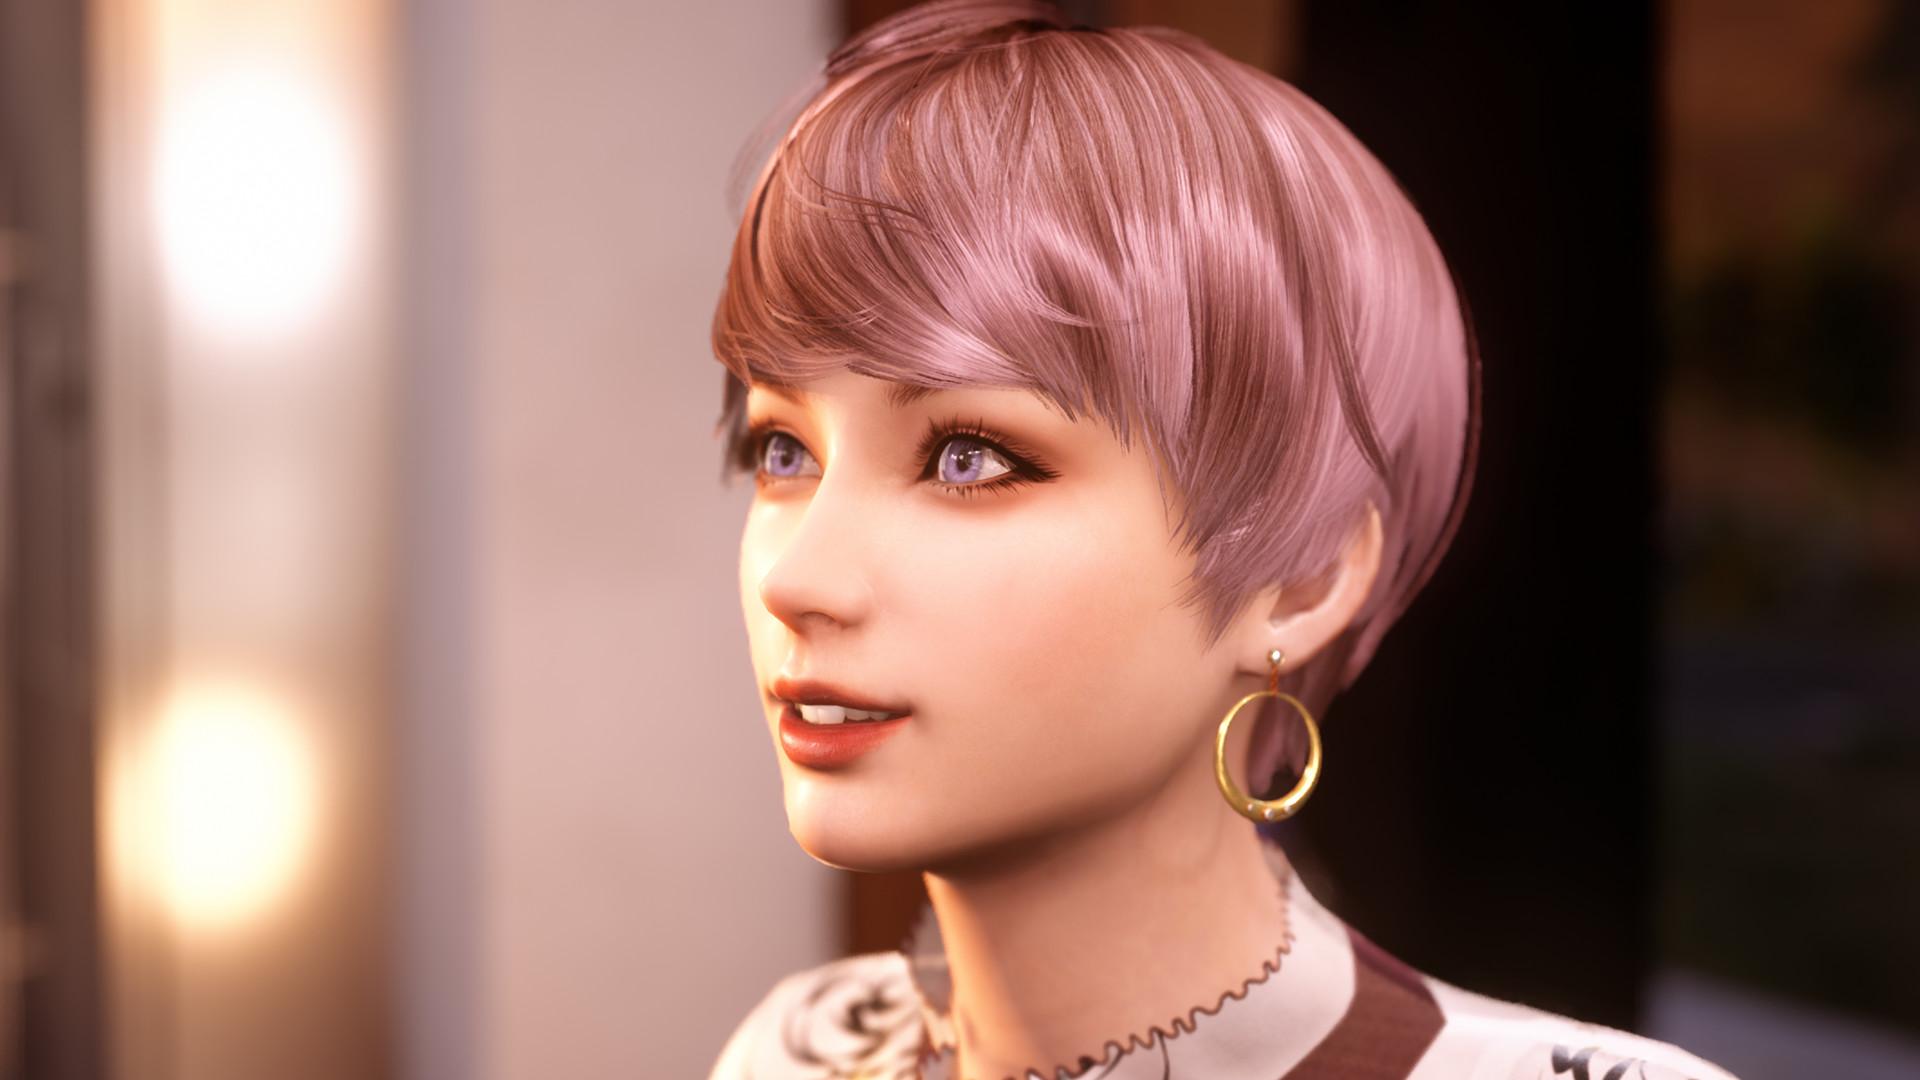 В Steam вышел менеджер мини-отеля, где можно подглядывать за грудастыми гостьями — геймеры не впечатлены